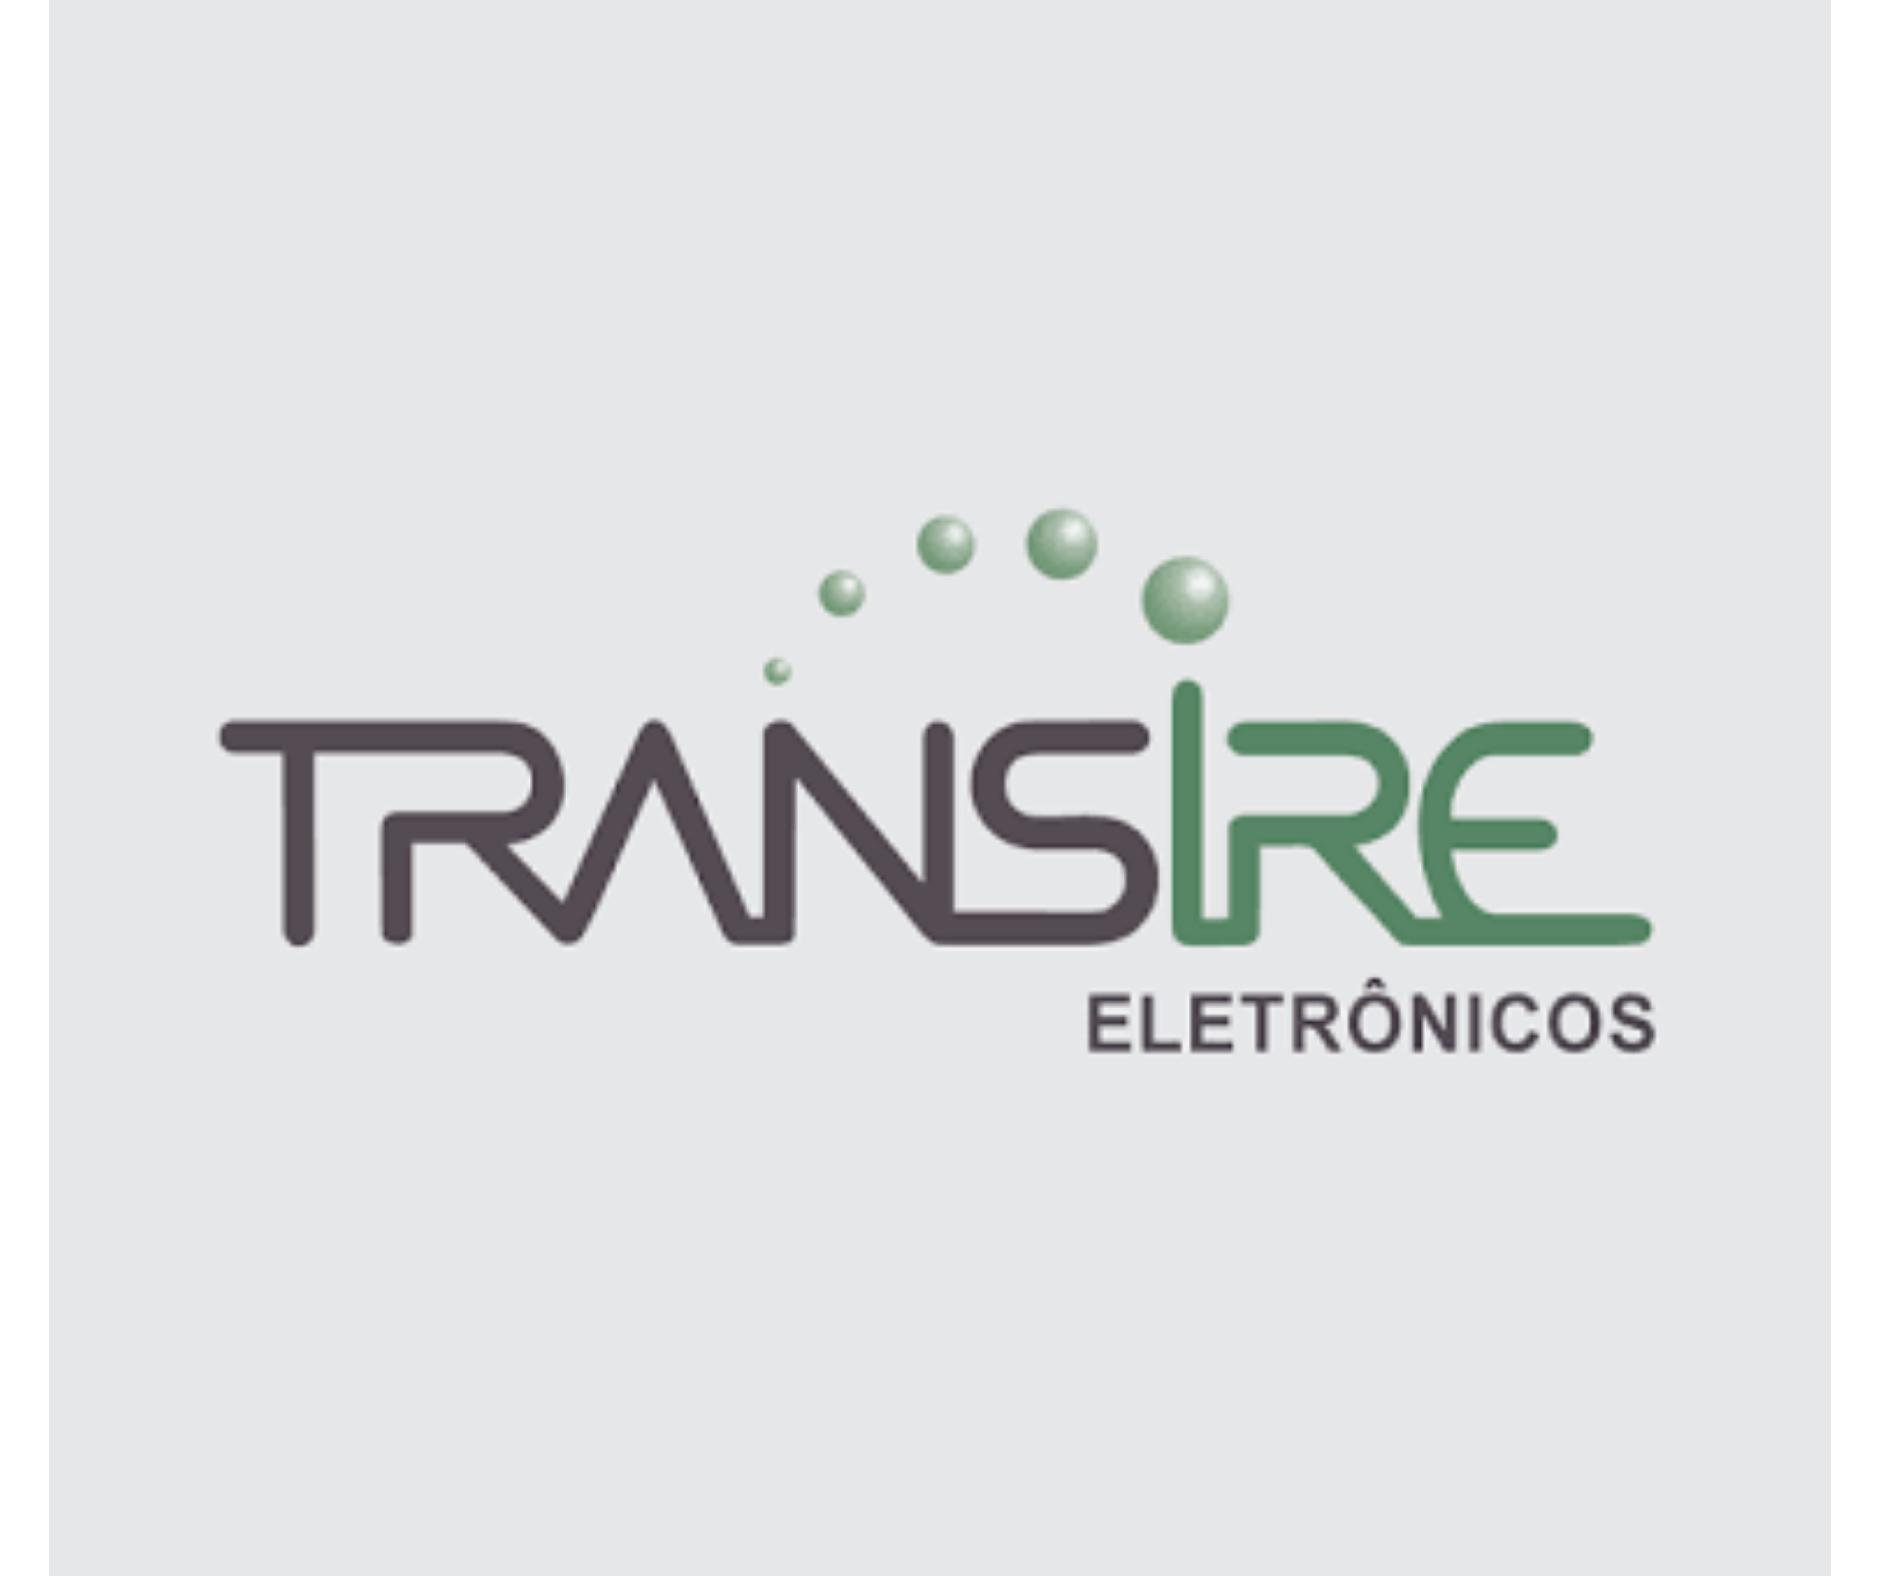 Empresa Transire Eletronics abre vaga